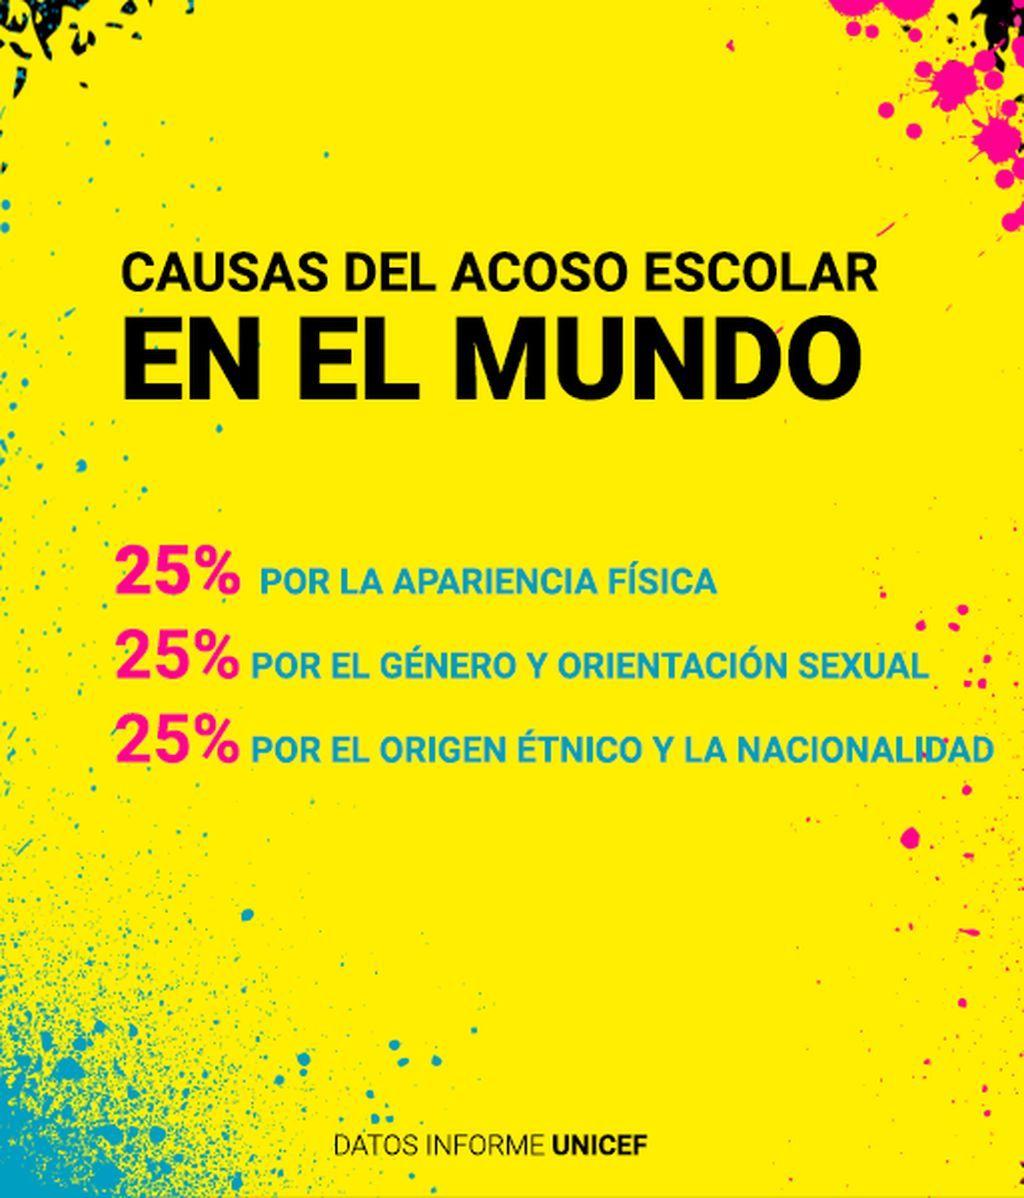 La UNESCO en español UNESCO toma medidas internacionales